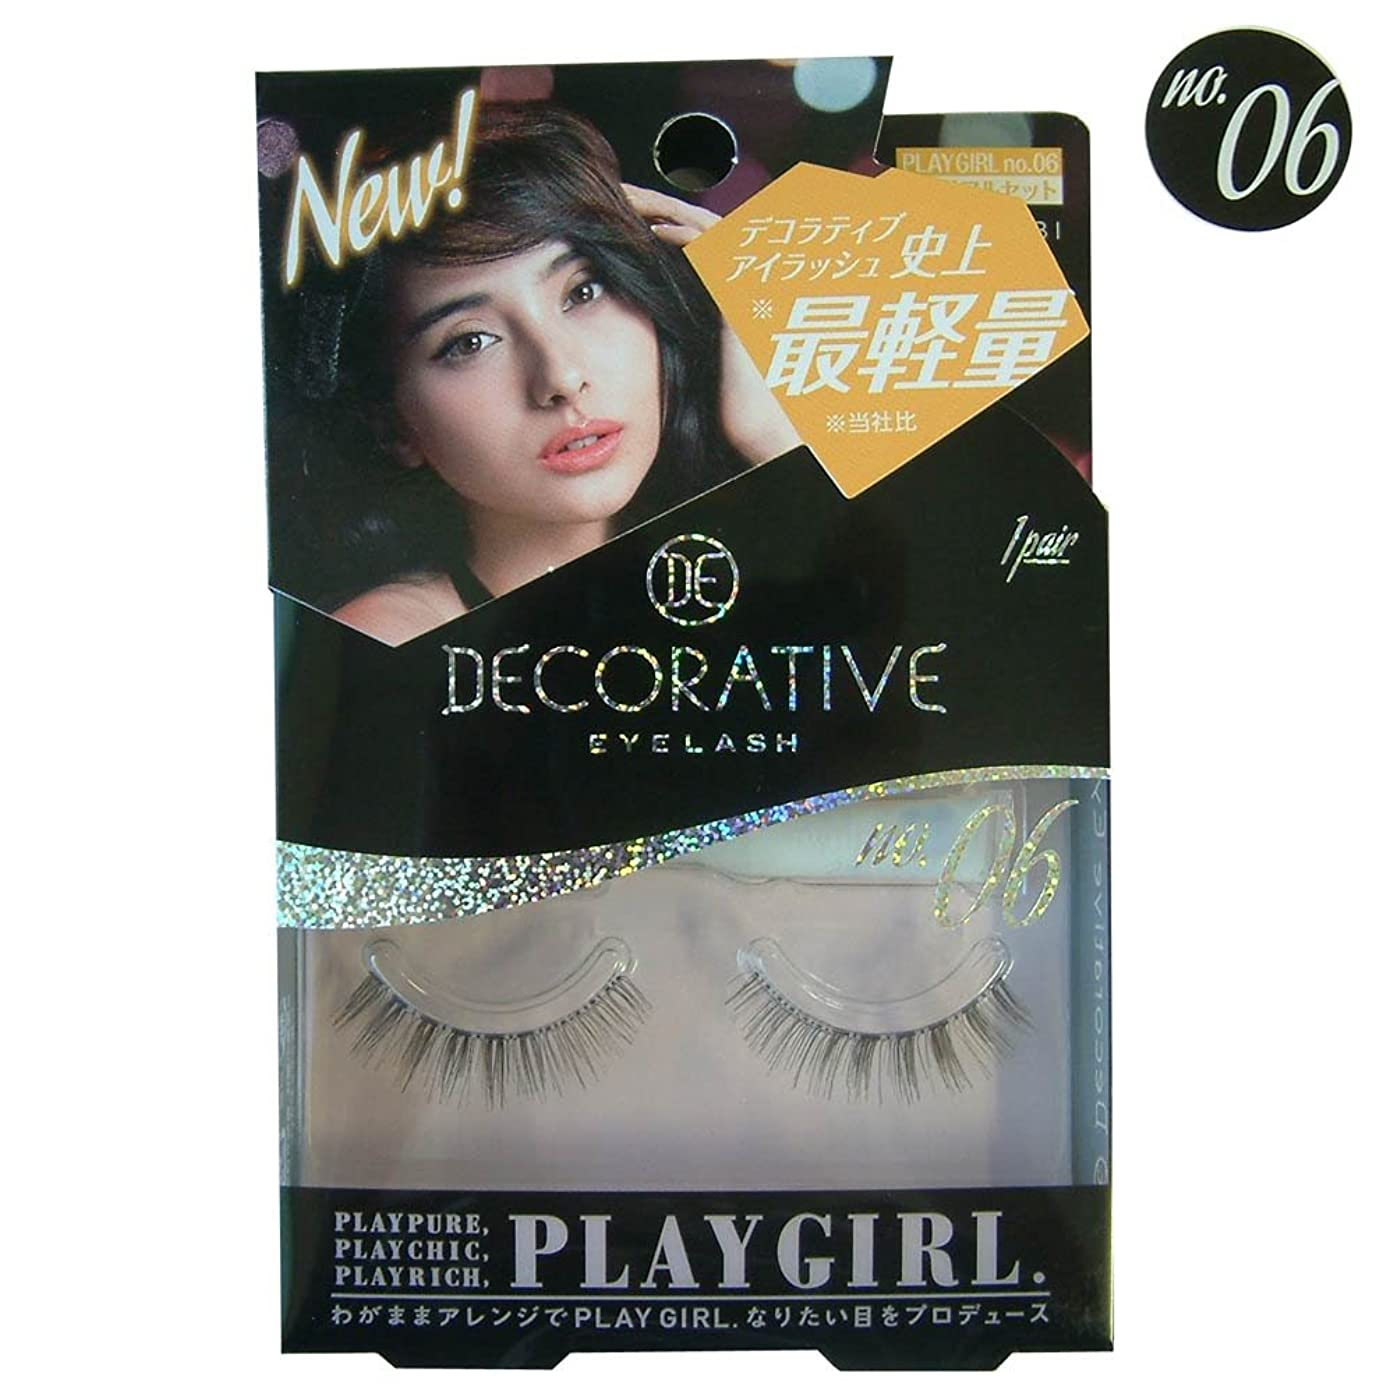 スロープレミアムその結果SE85584/PLAY GIRL(プレイガール)ブラウンMIX[No.6.上まつげ用]1ペア入りつけまつげ DECORATIVE EYELASH(デコラティブアイラッシュ)/メイク/目元/化粧品/コスメ